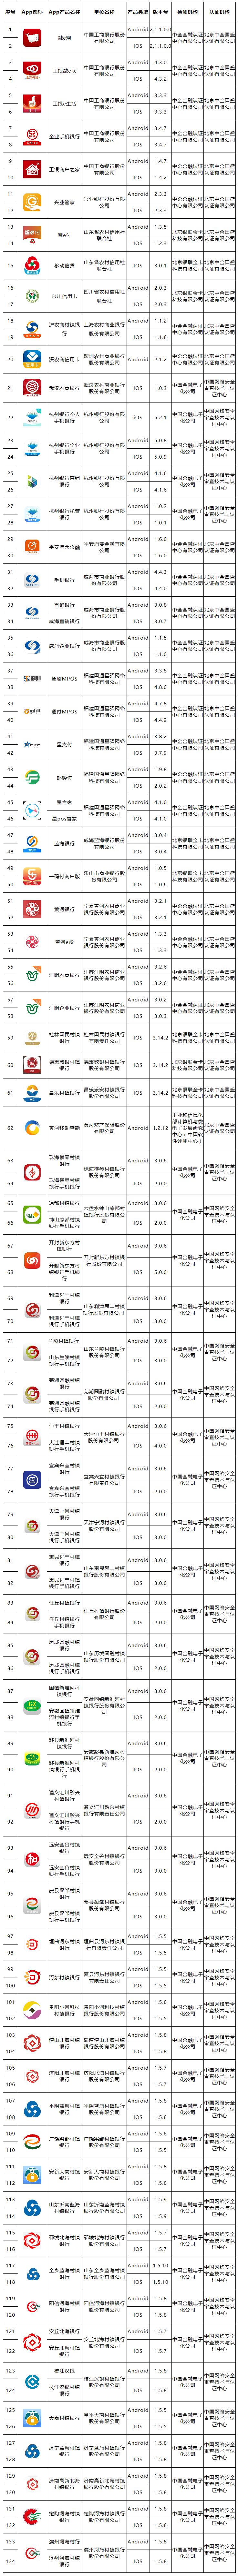 最新一批移动金融App拟备案名单发布 共134款